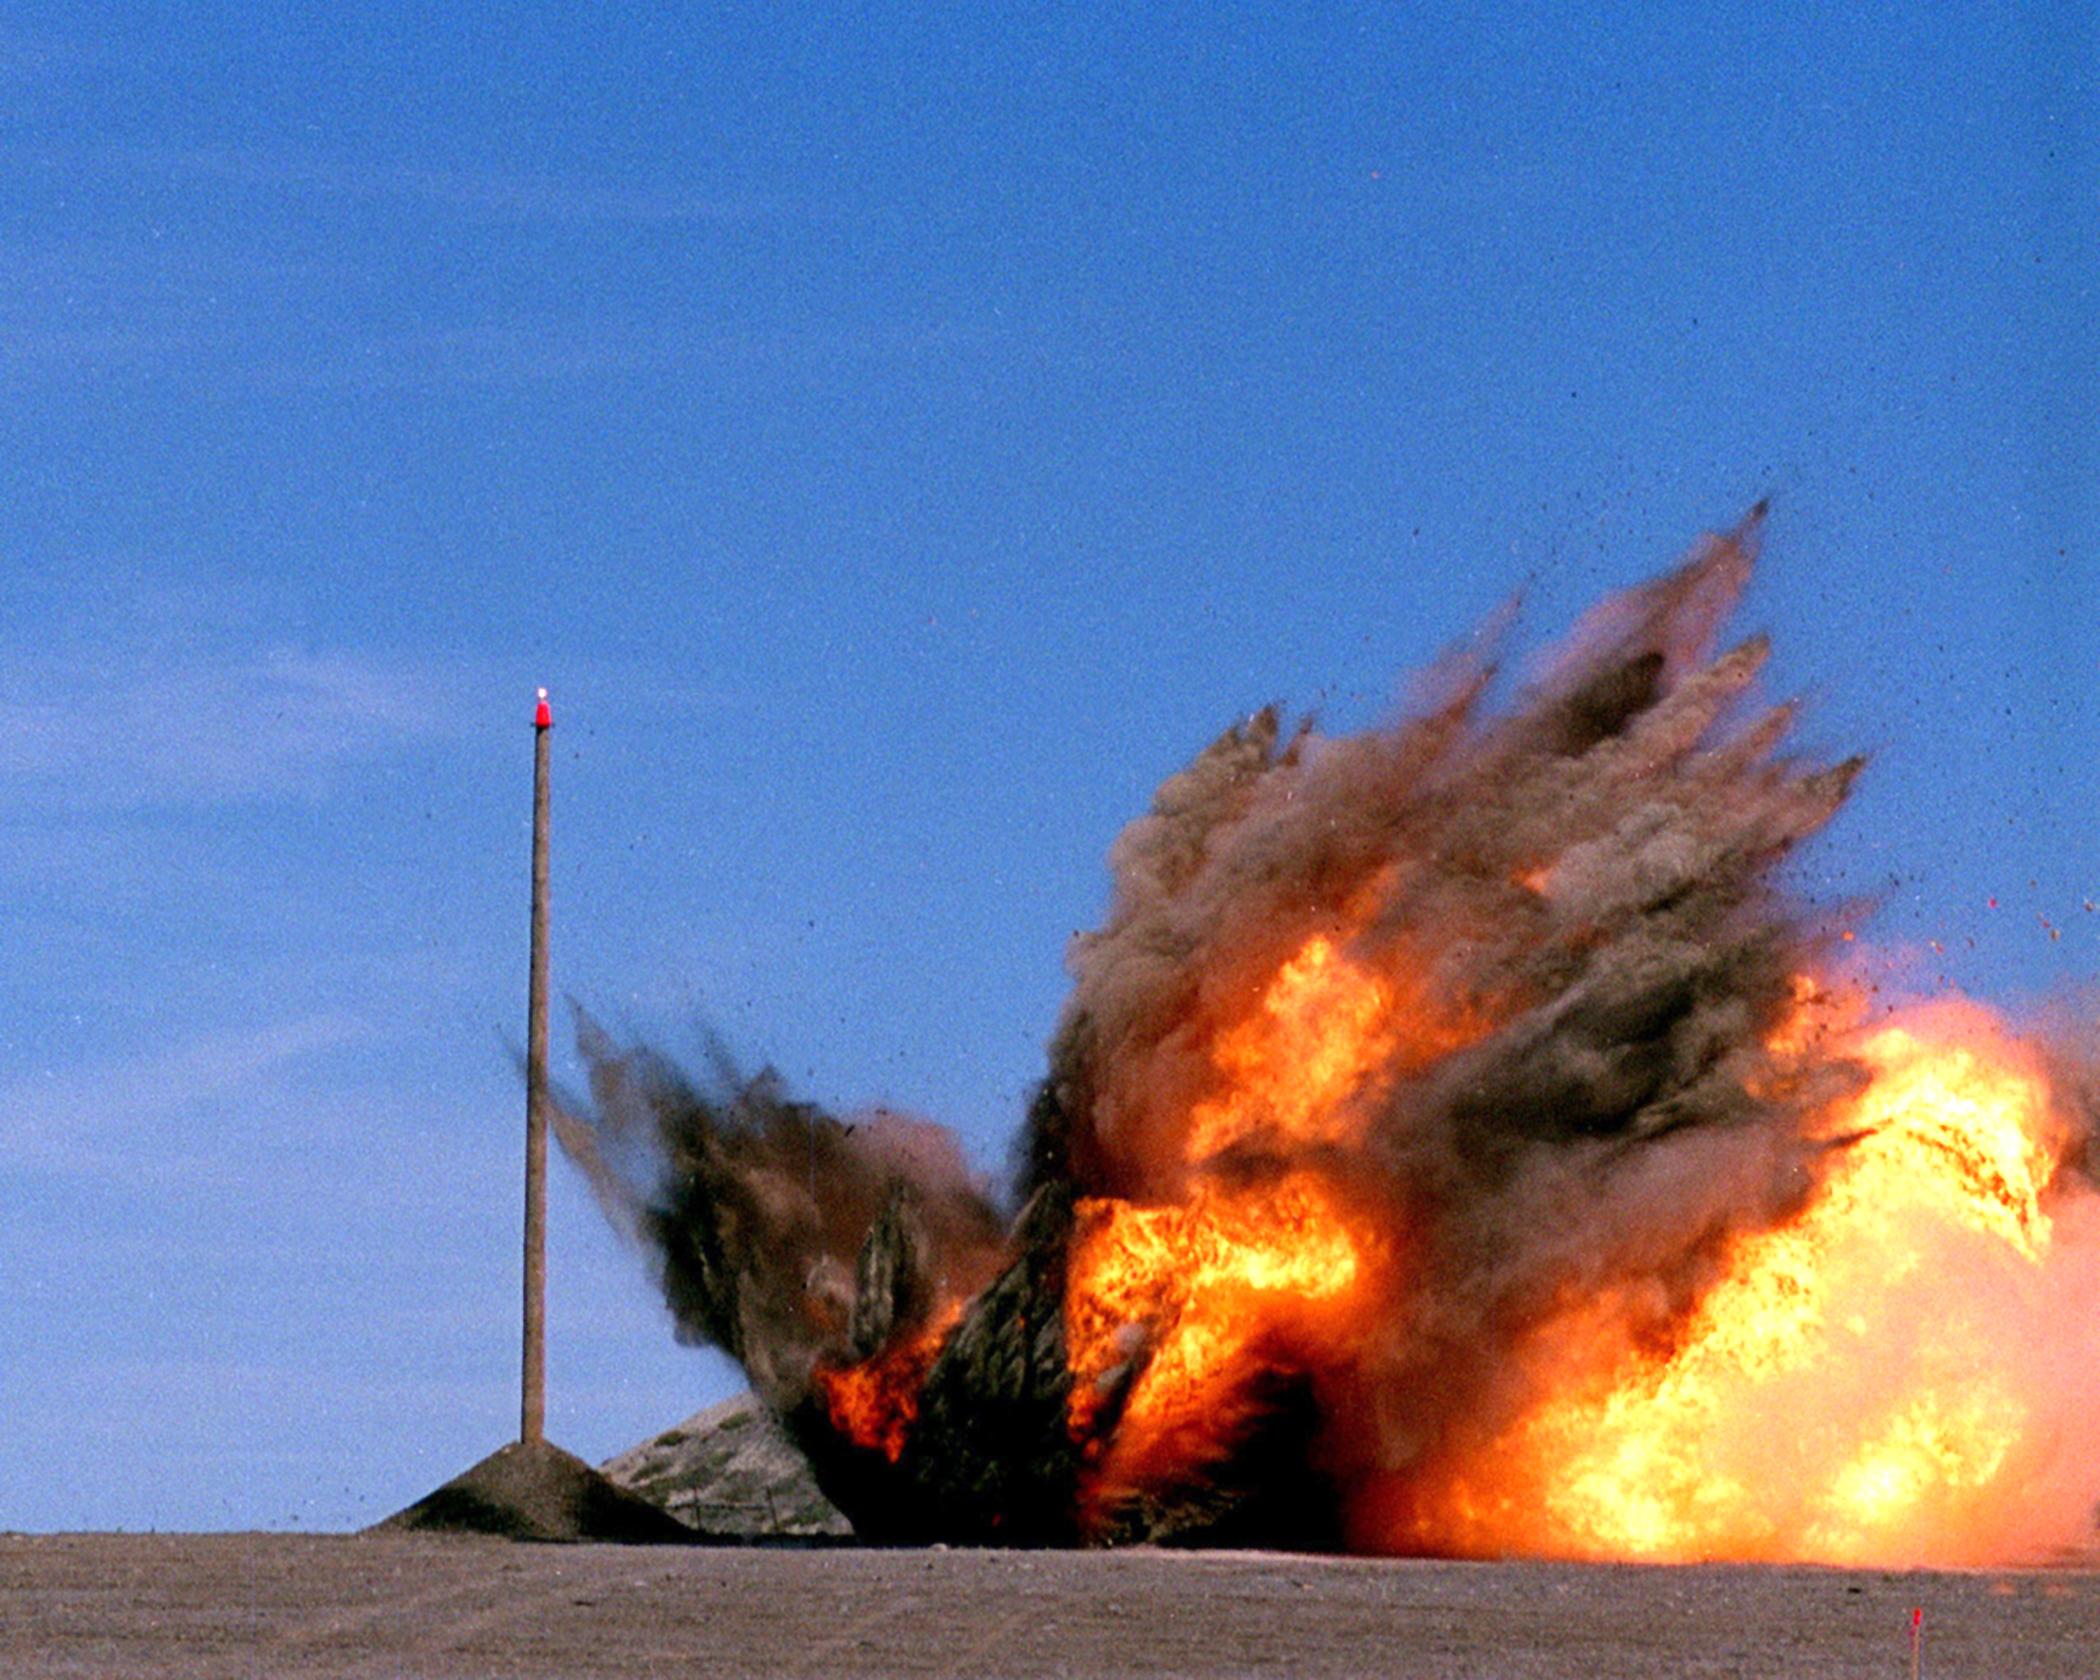 File:Tactical Tomahawk 020823-N-9999X-003 jpg - Wikimedia